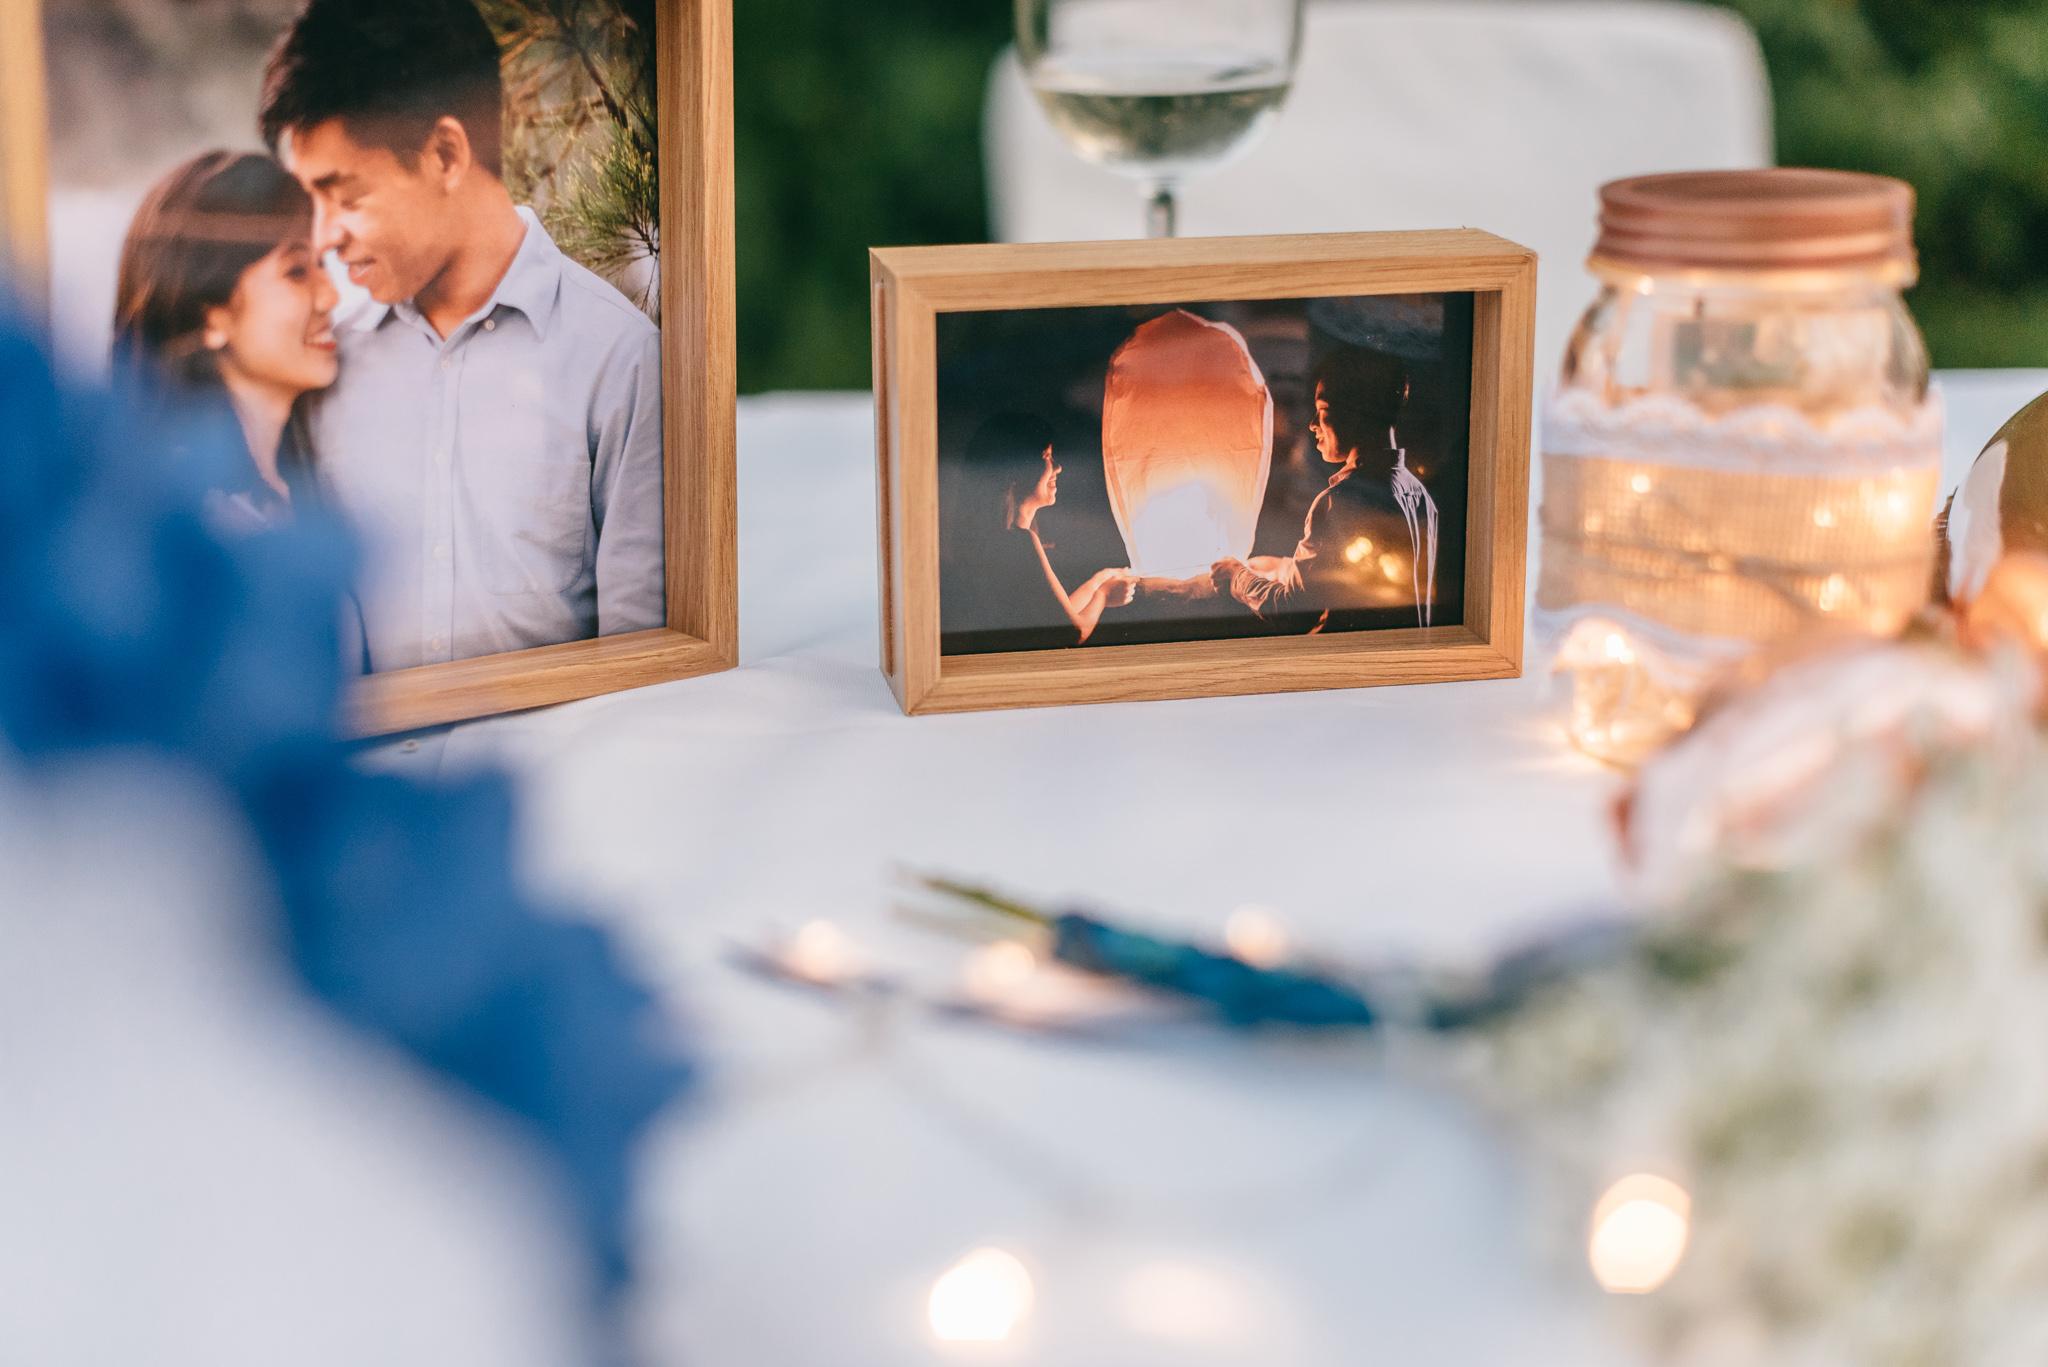 Lionel & Karen Wedding Day Highlights (resized for sharing) - 143.jpg